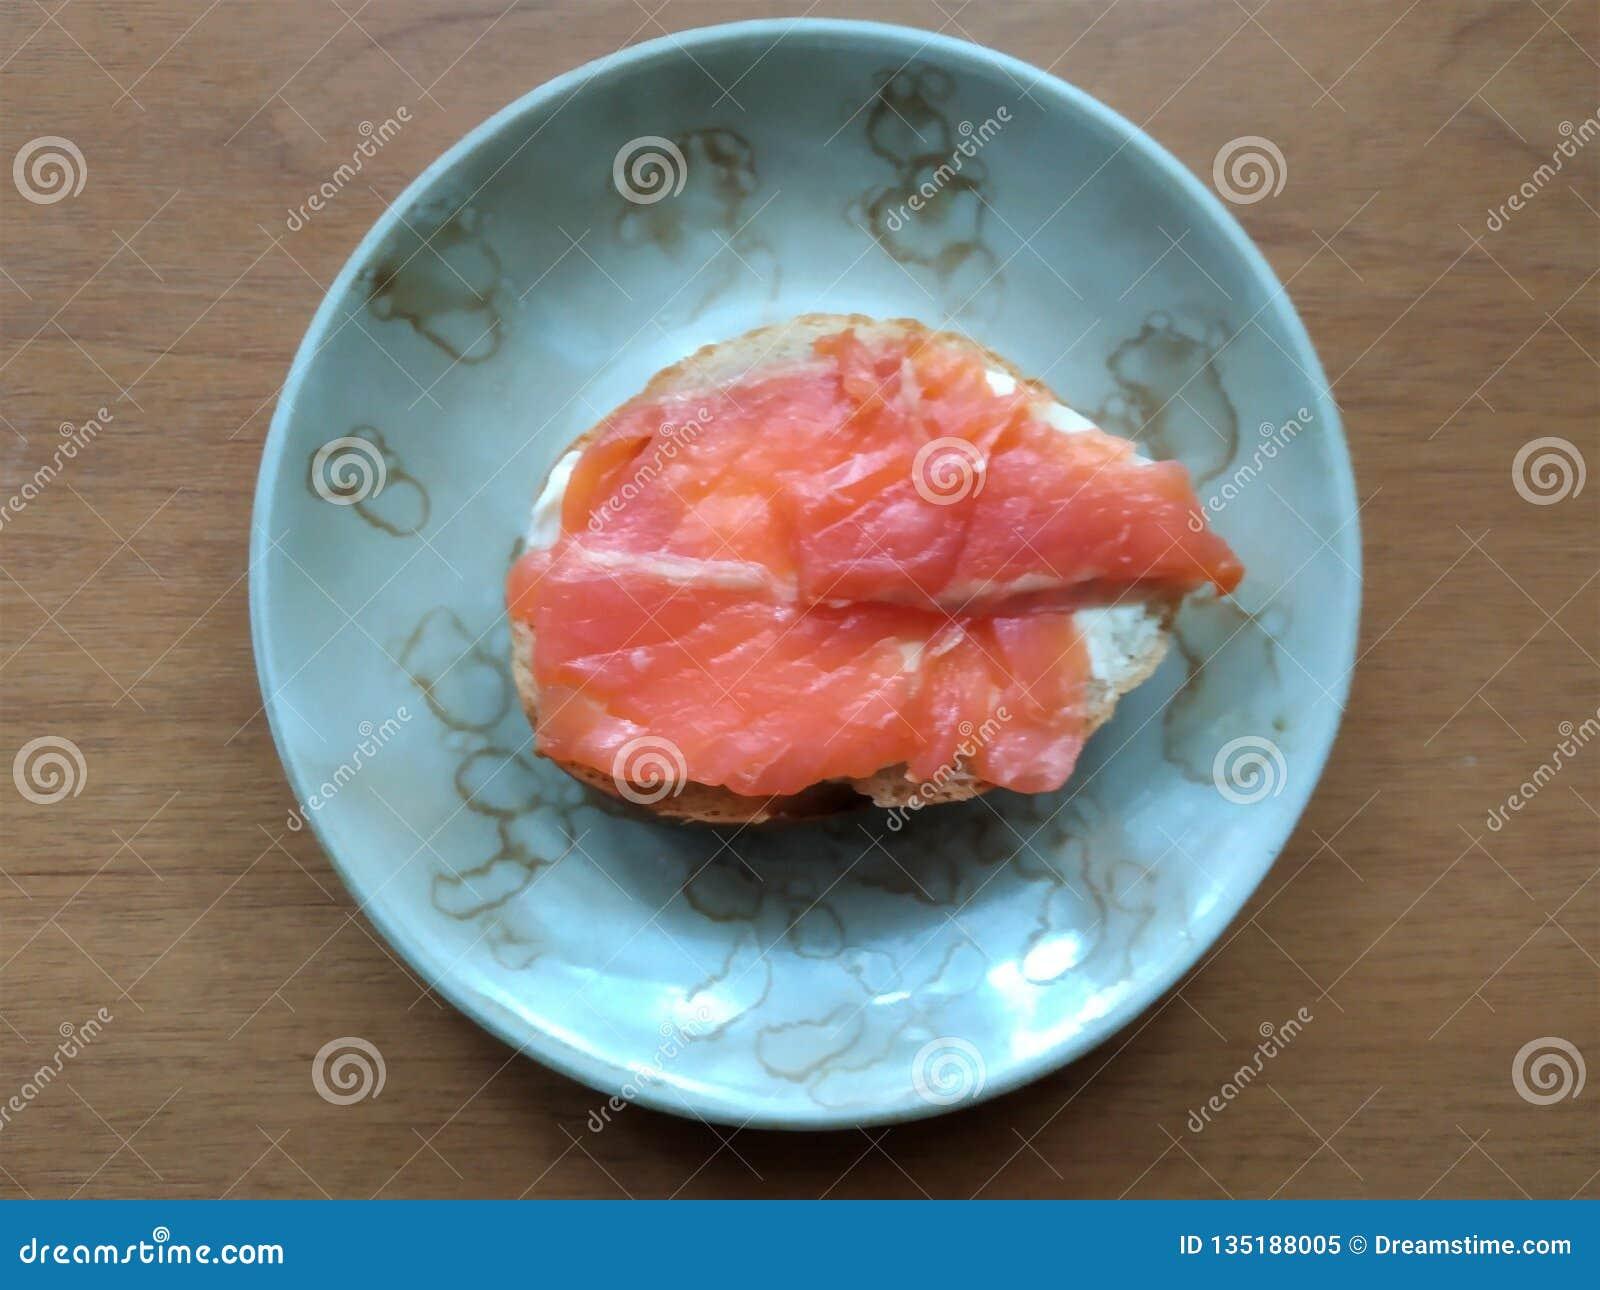 Сэндвич с частями красных рыб на белом хлебце смазанном с маслом, завтраке, закуске